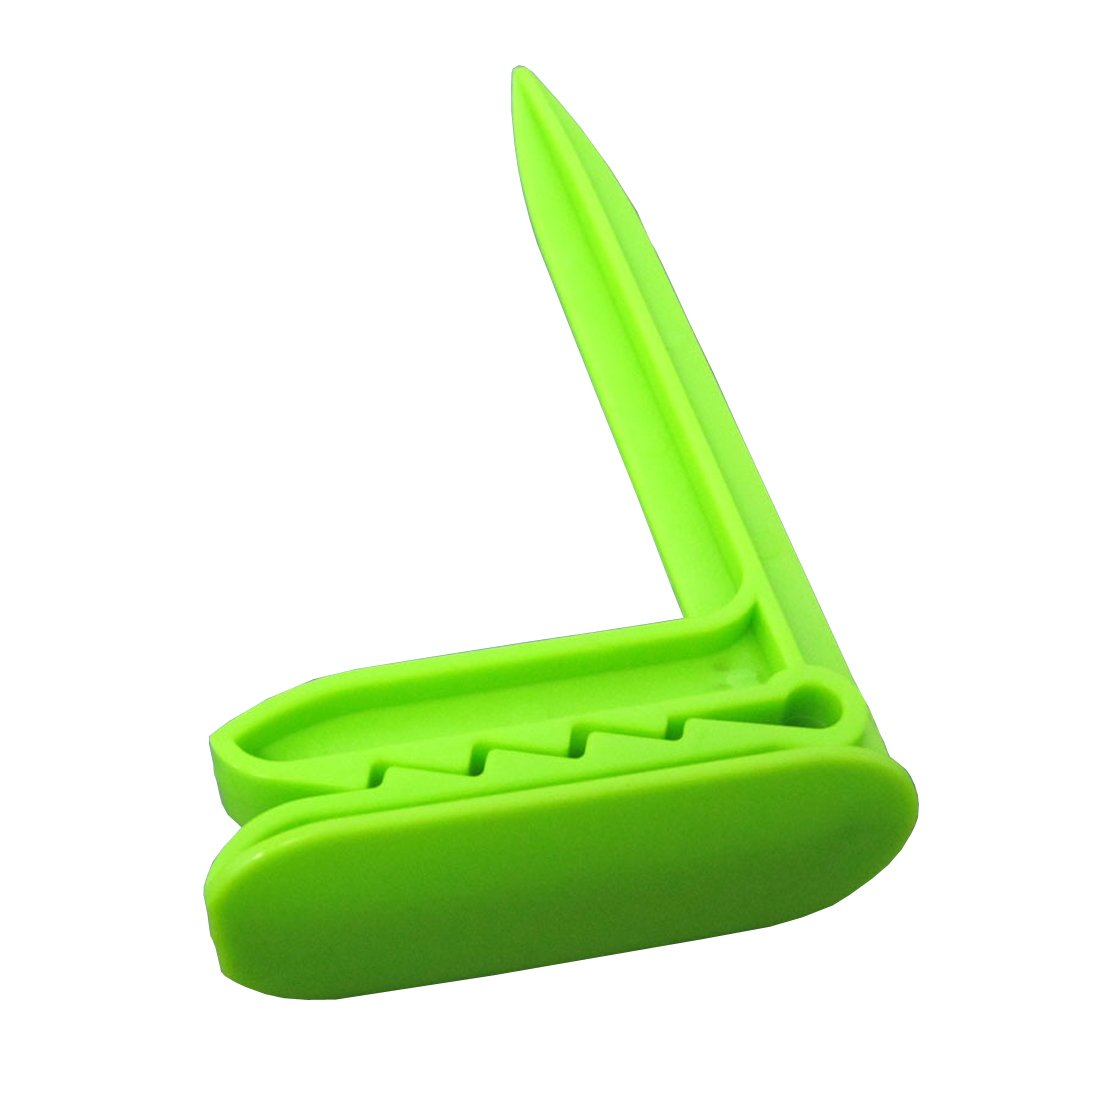 Yeelan Paquete de 6 pcs Toalla de playa Manta ancla clips (verde+ naranja): Amazon.es: Hogar